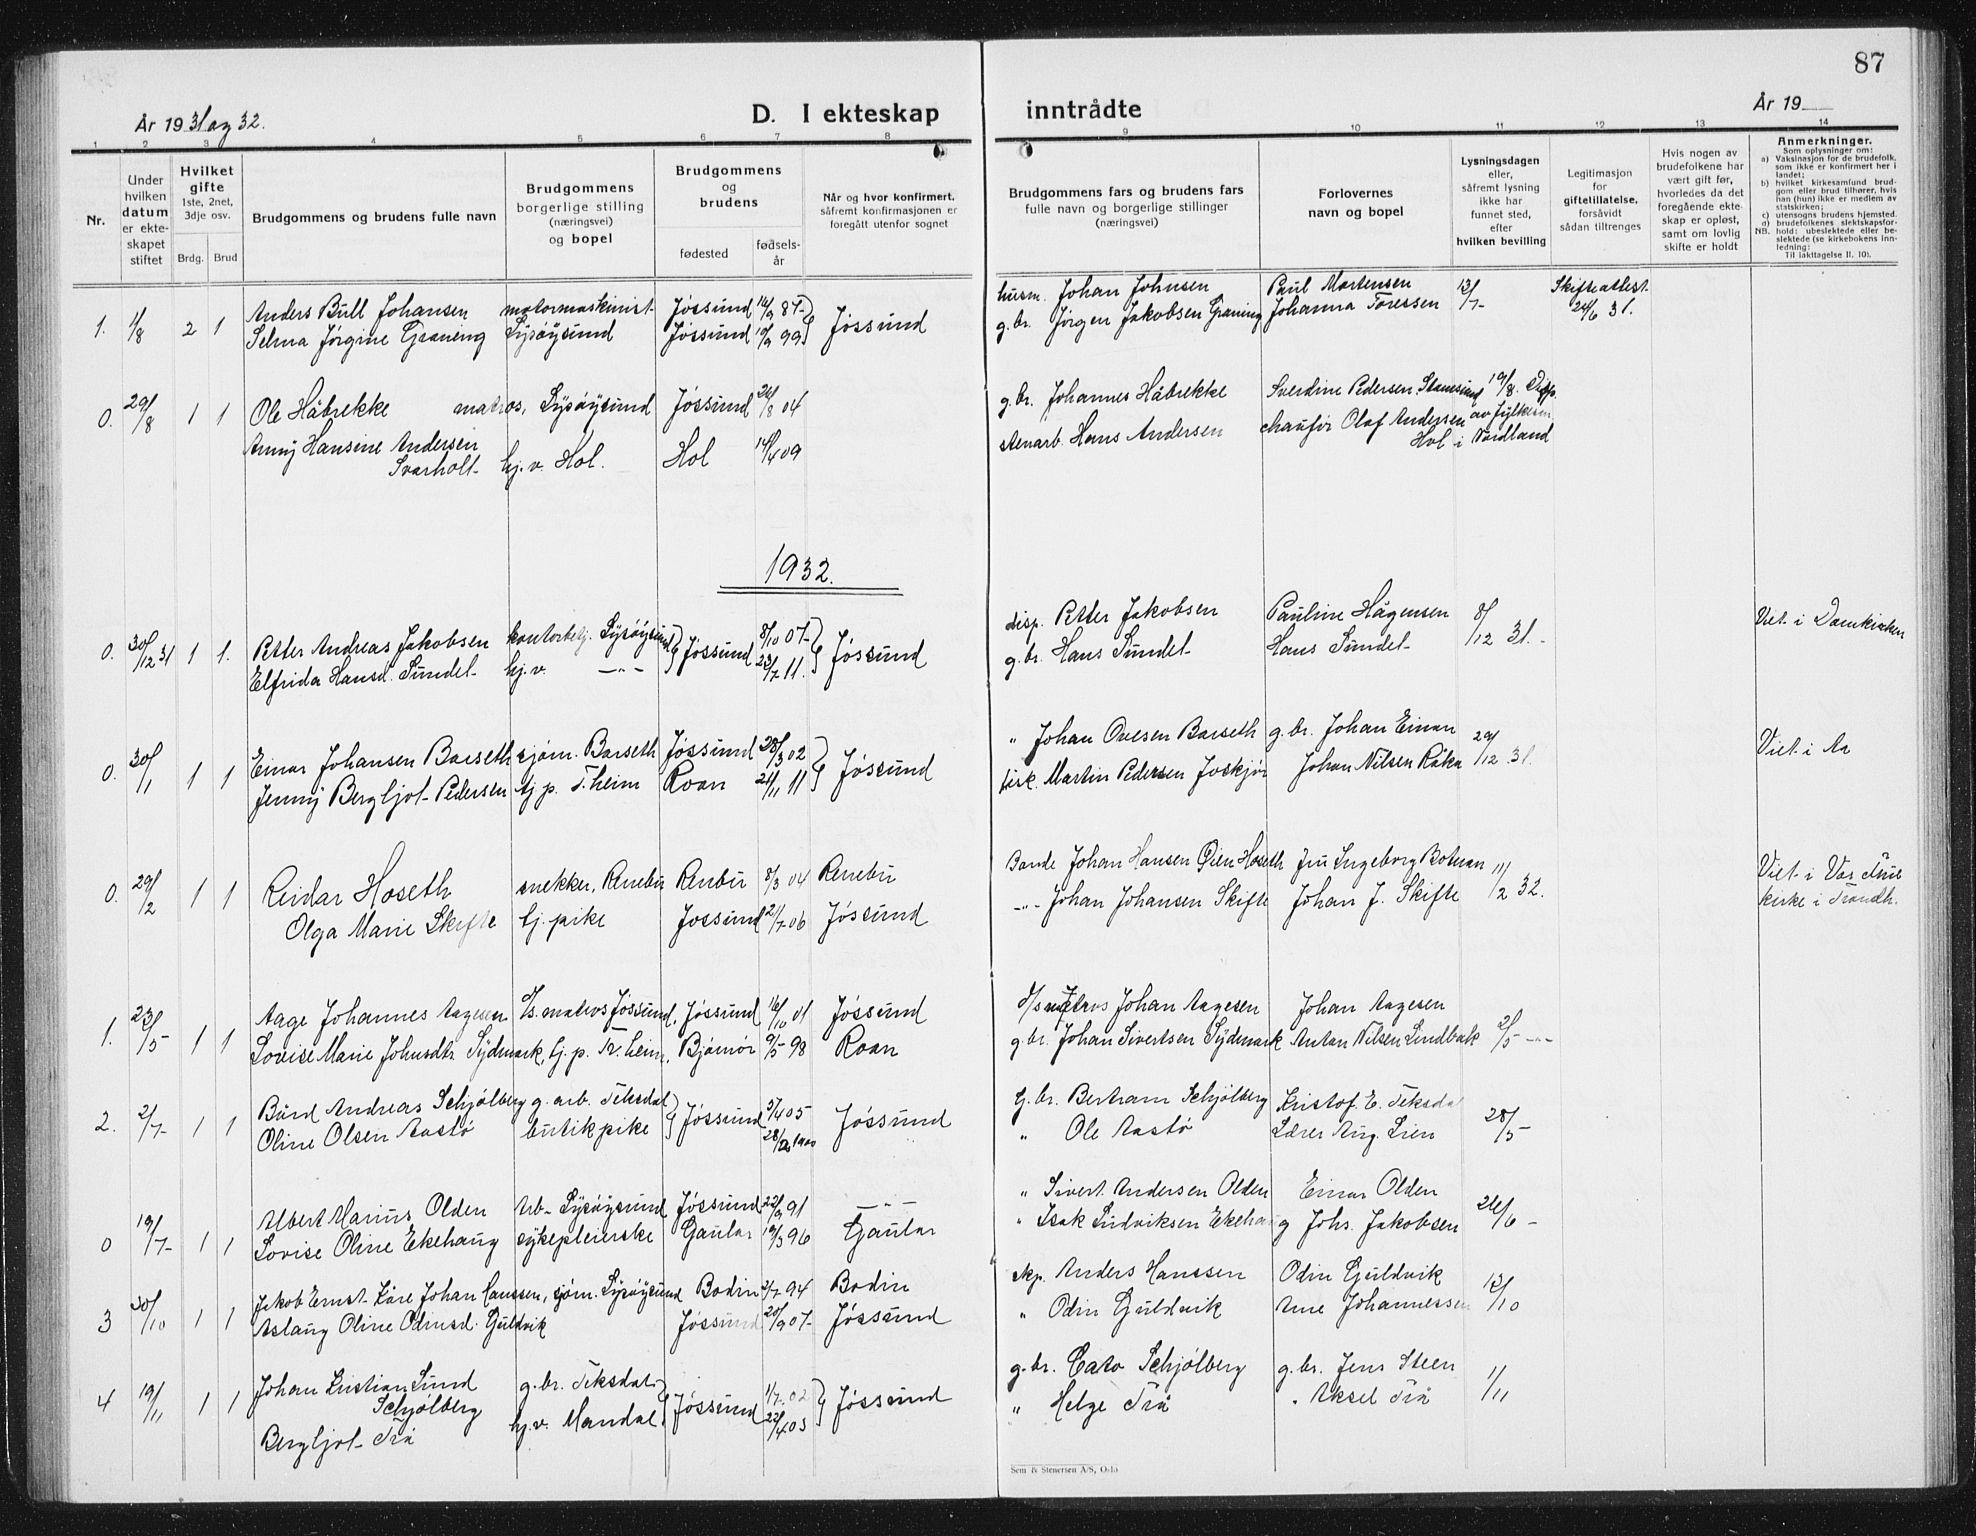 SAT, Ministerialprotokoller, klokkerbøker og fødselsregistre - Sør-Trøndelag, 654/L0667: Klokkerbok nr. 654C03, 1924-1939, s. 87